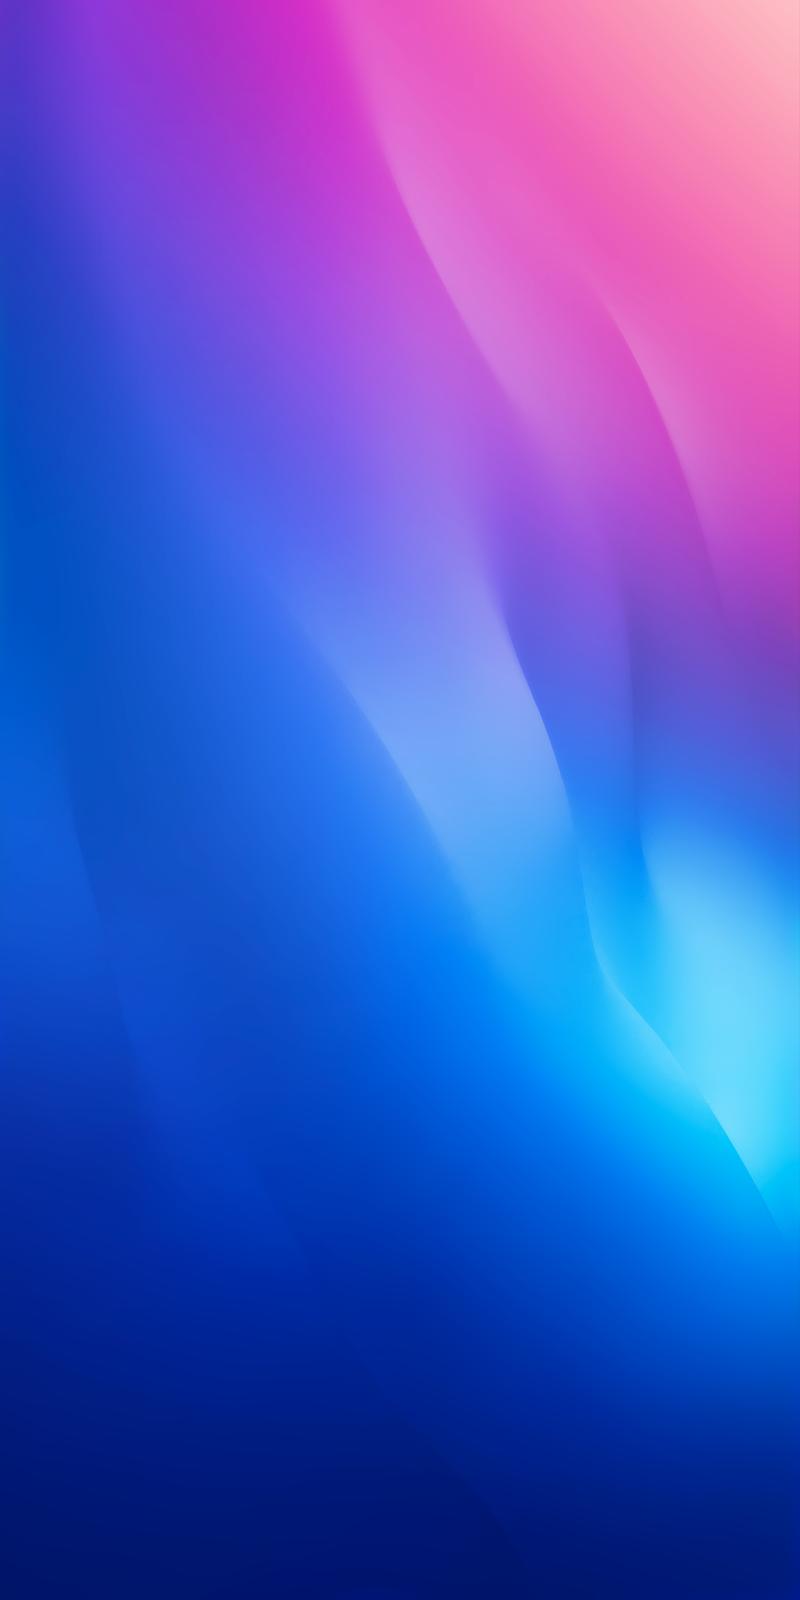 Hình nền đầy màu sắc cho điện thoại